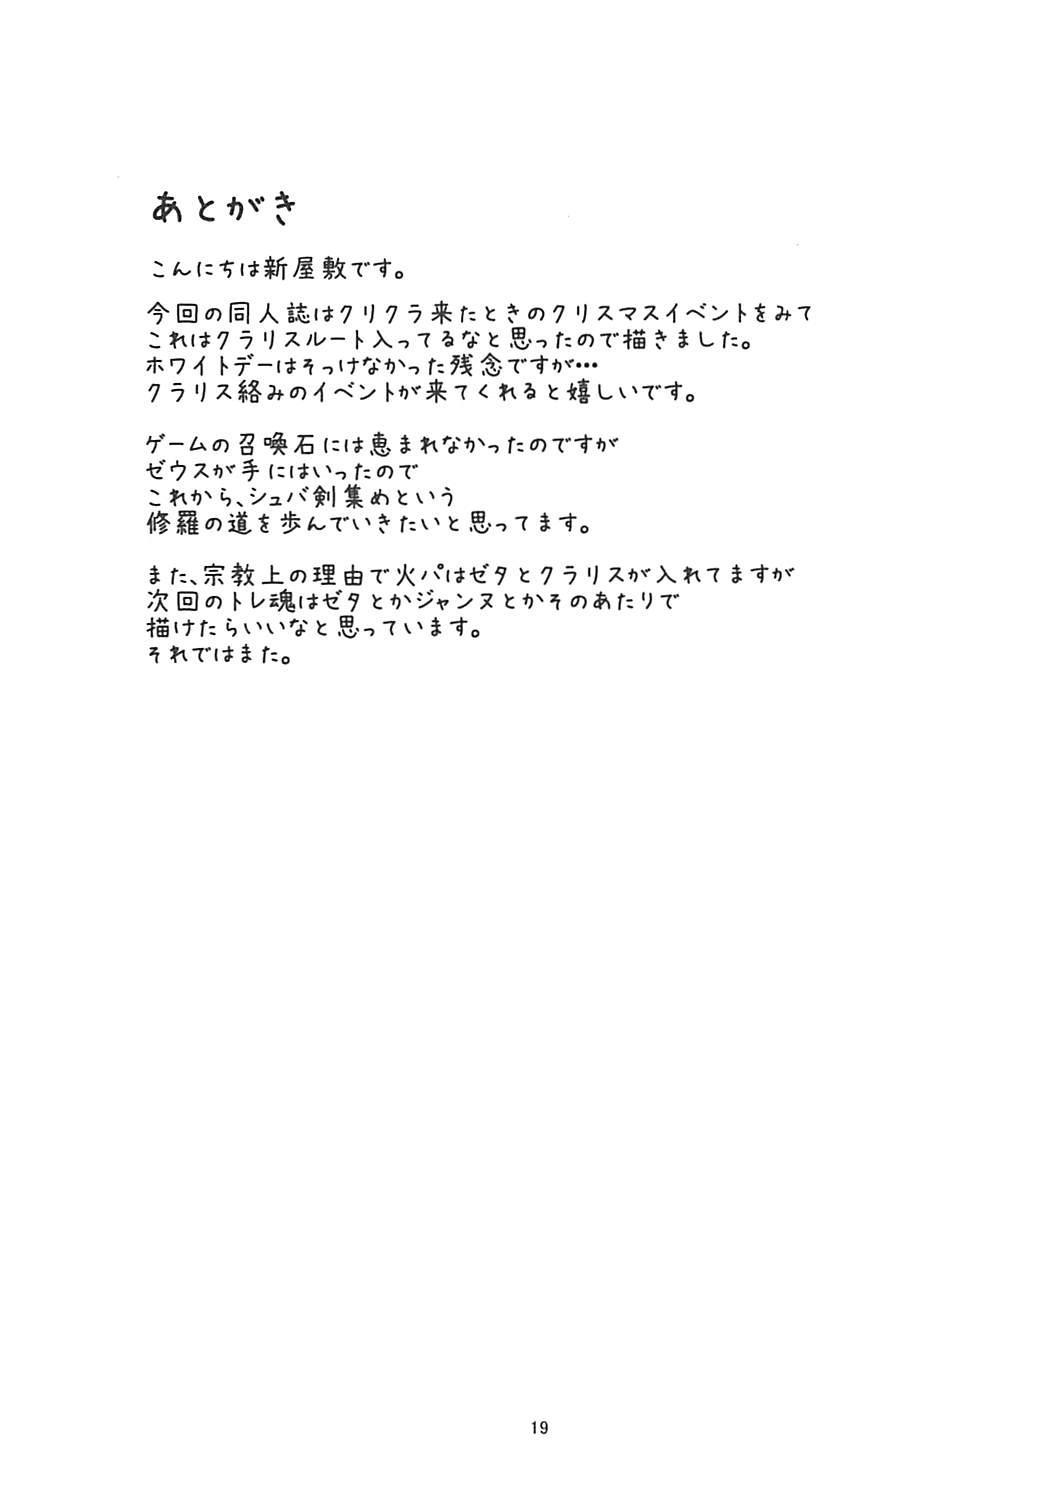 Hentai Optics 19